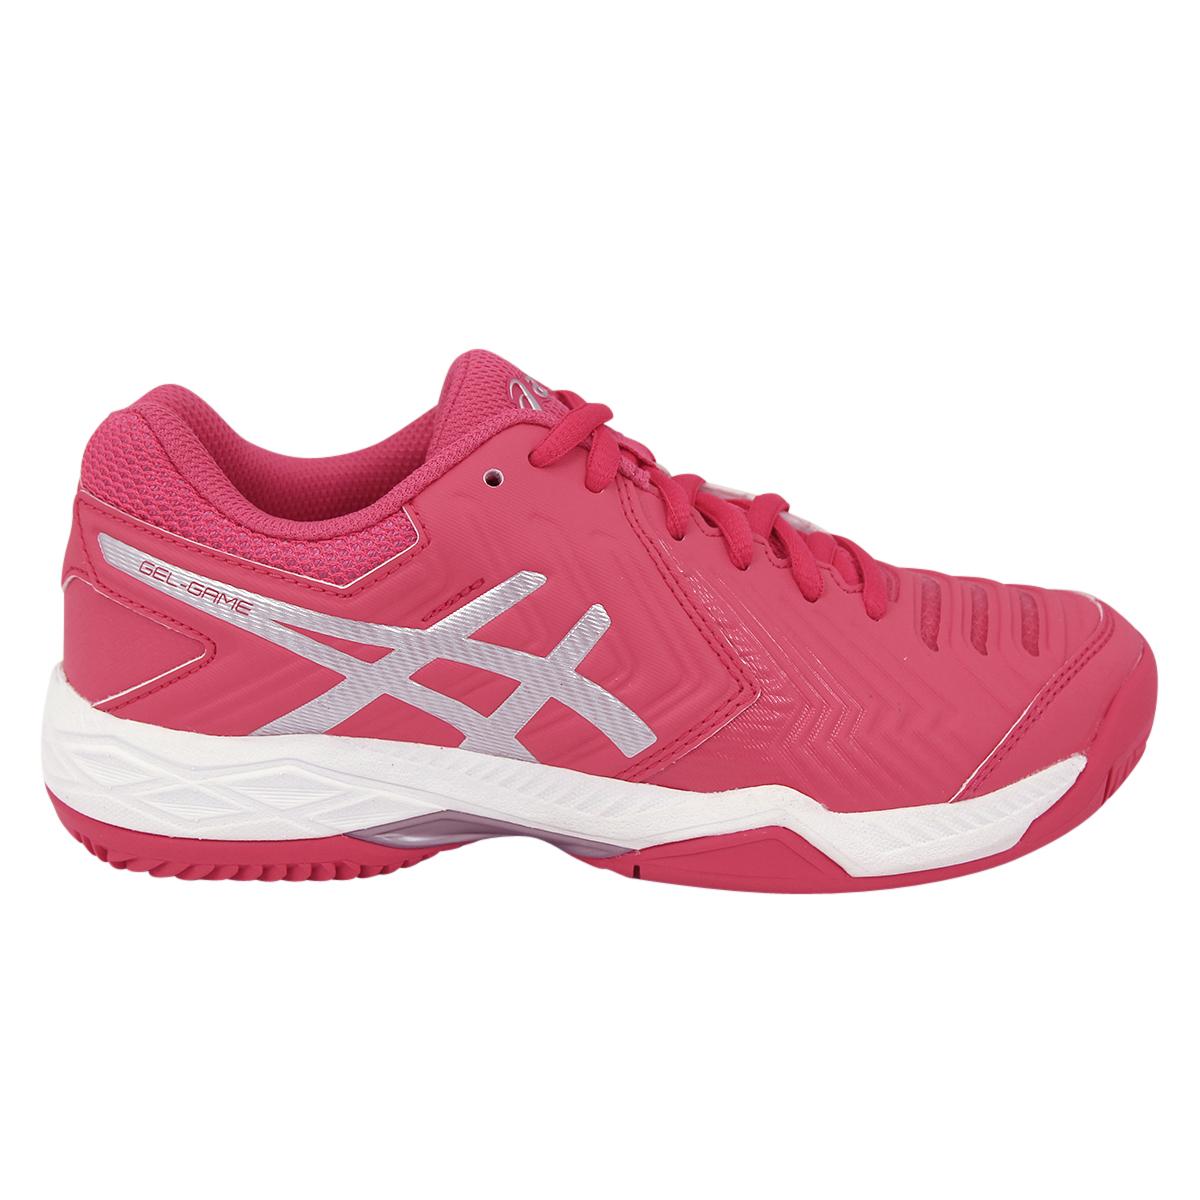 Asics Asics Asics gel Game 6 Clay señora zapatillas de tenis nuevo  auténtico